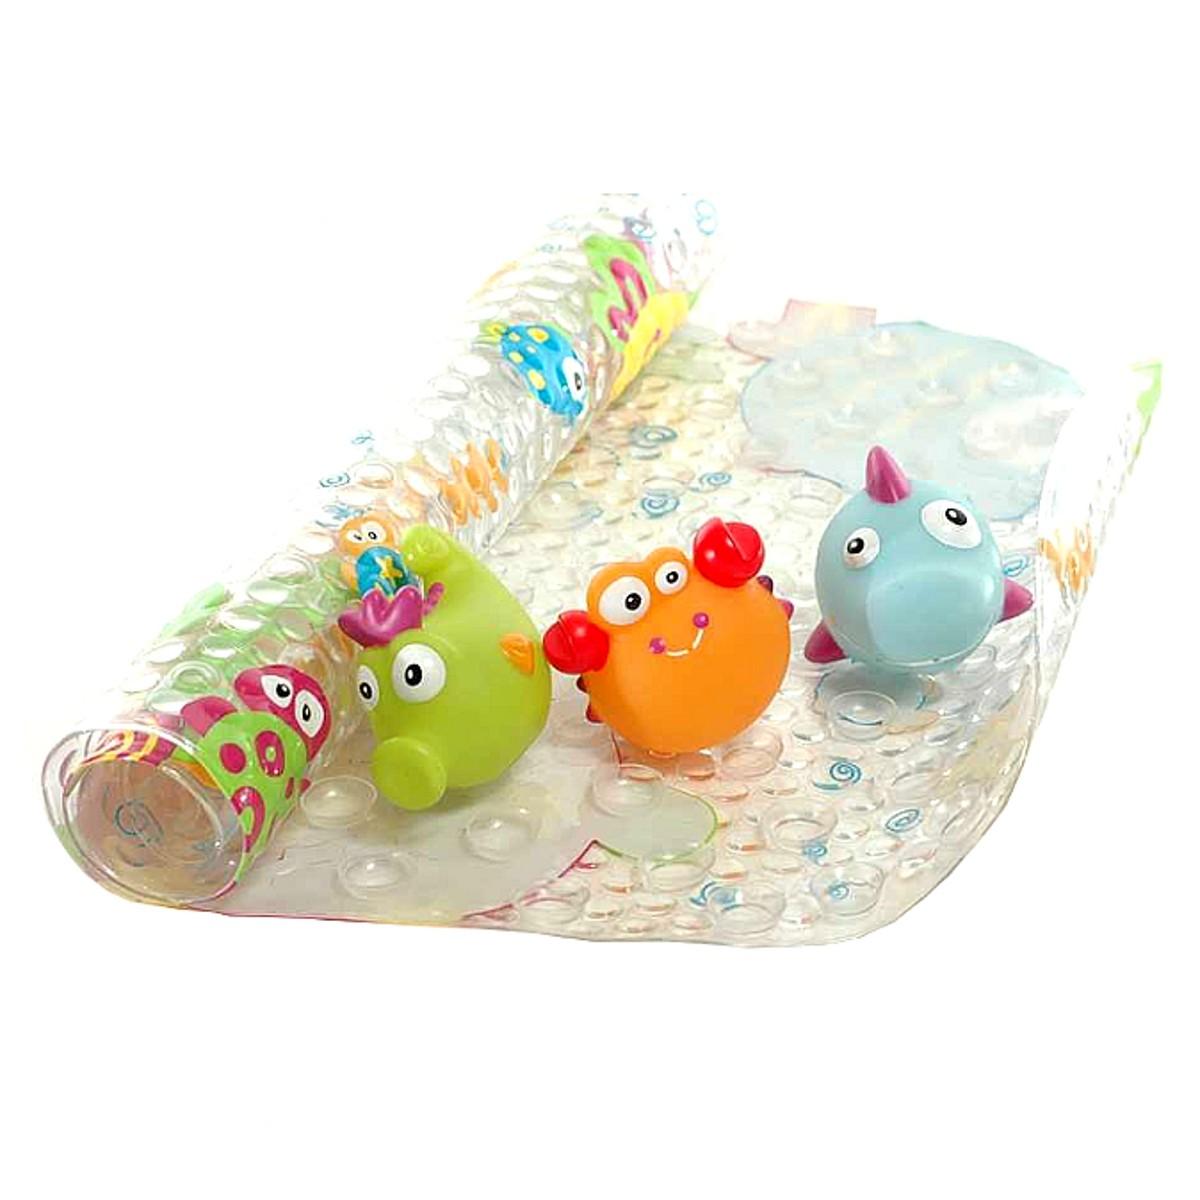 Детский коврик для ванной с милыми зверюшками